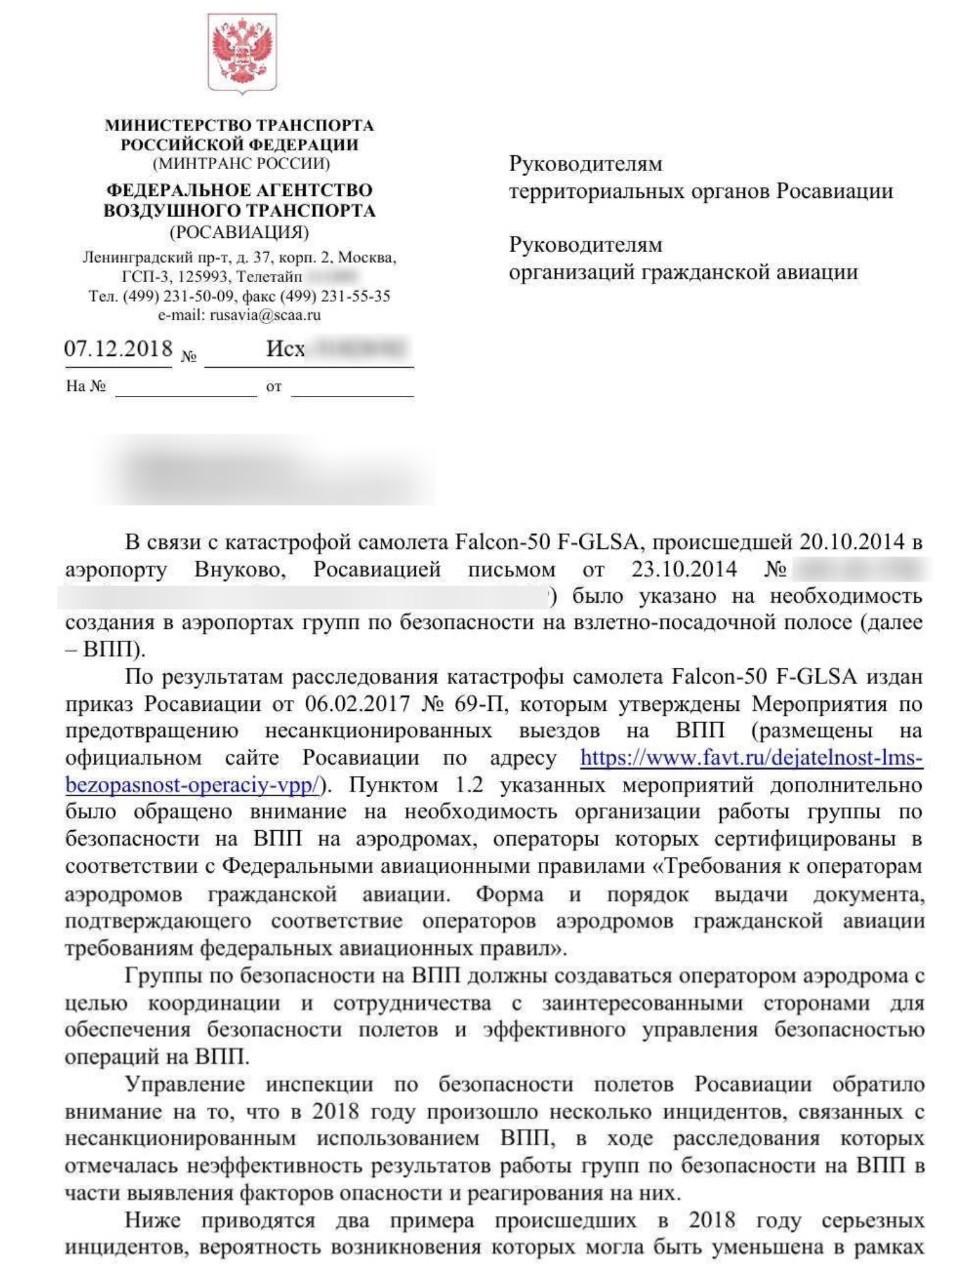 Титульный лист письма Сергея Мастерова. Фото © Росавиация